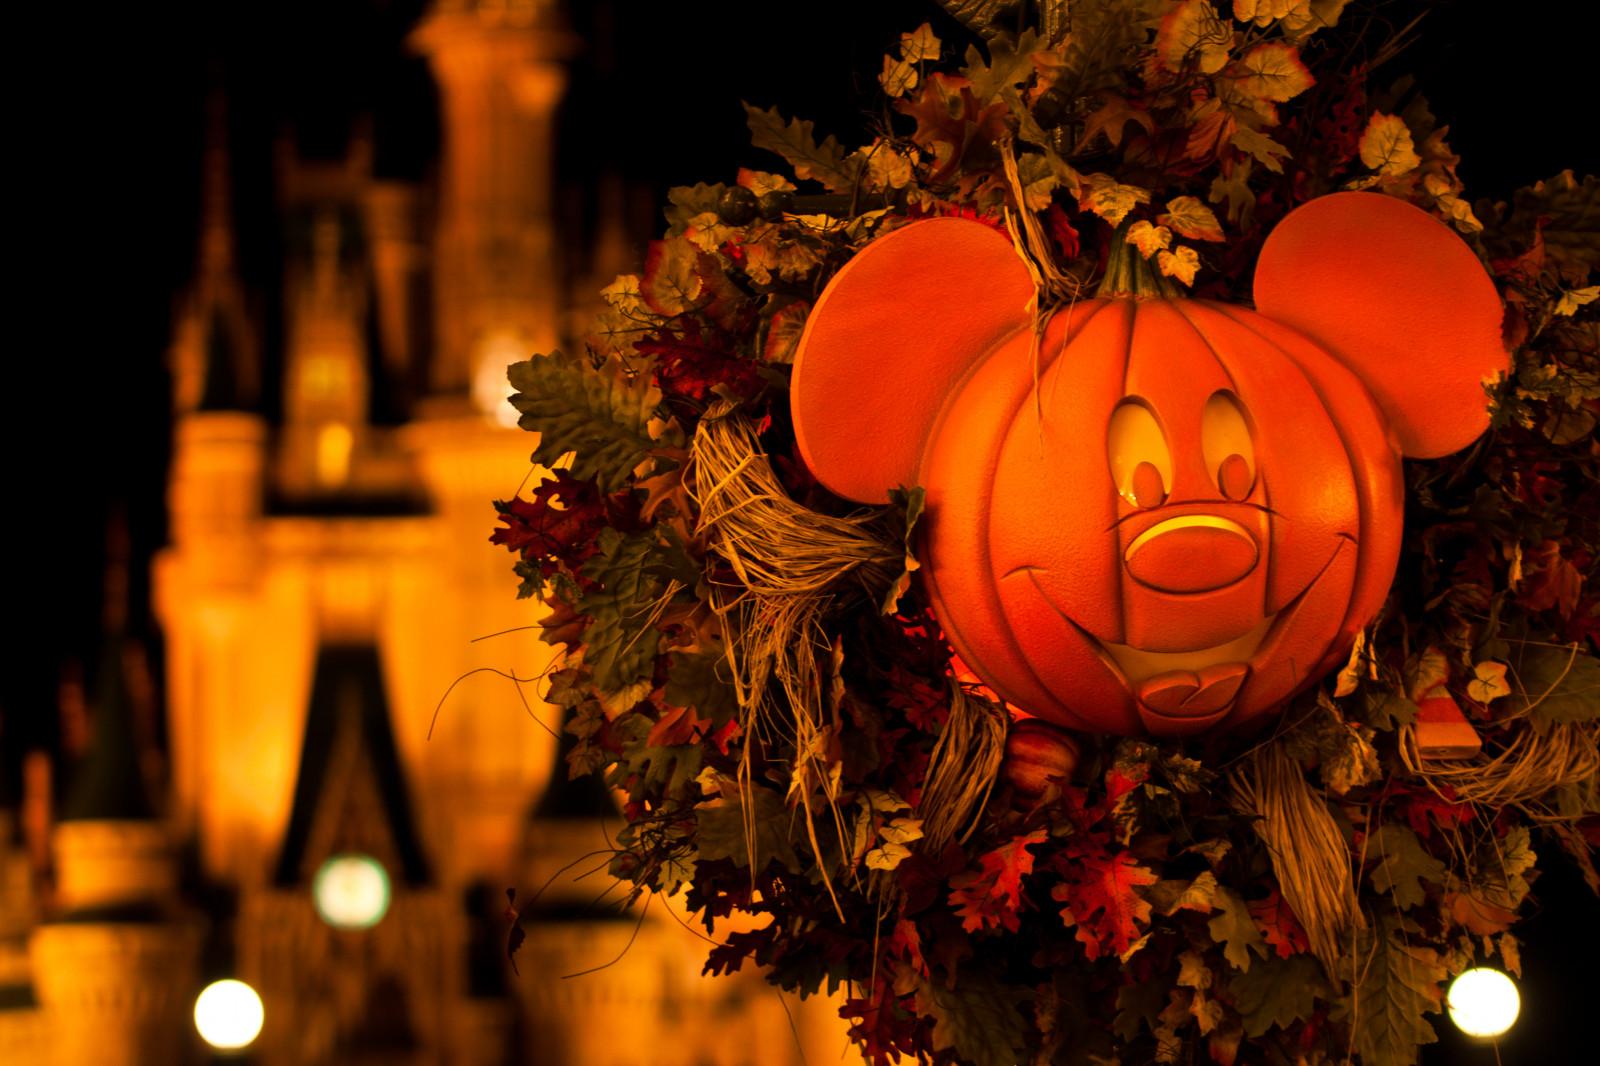 Sfondi illuminazione halloween notte tradizione lanterna